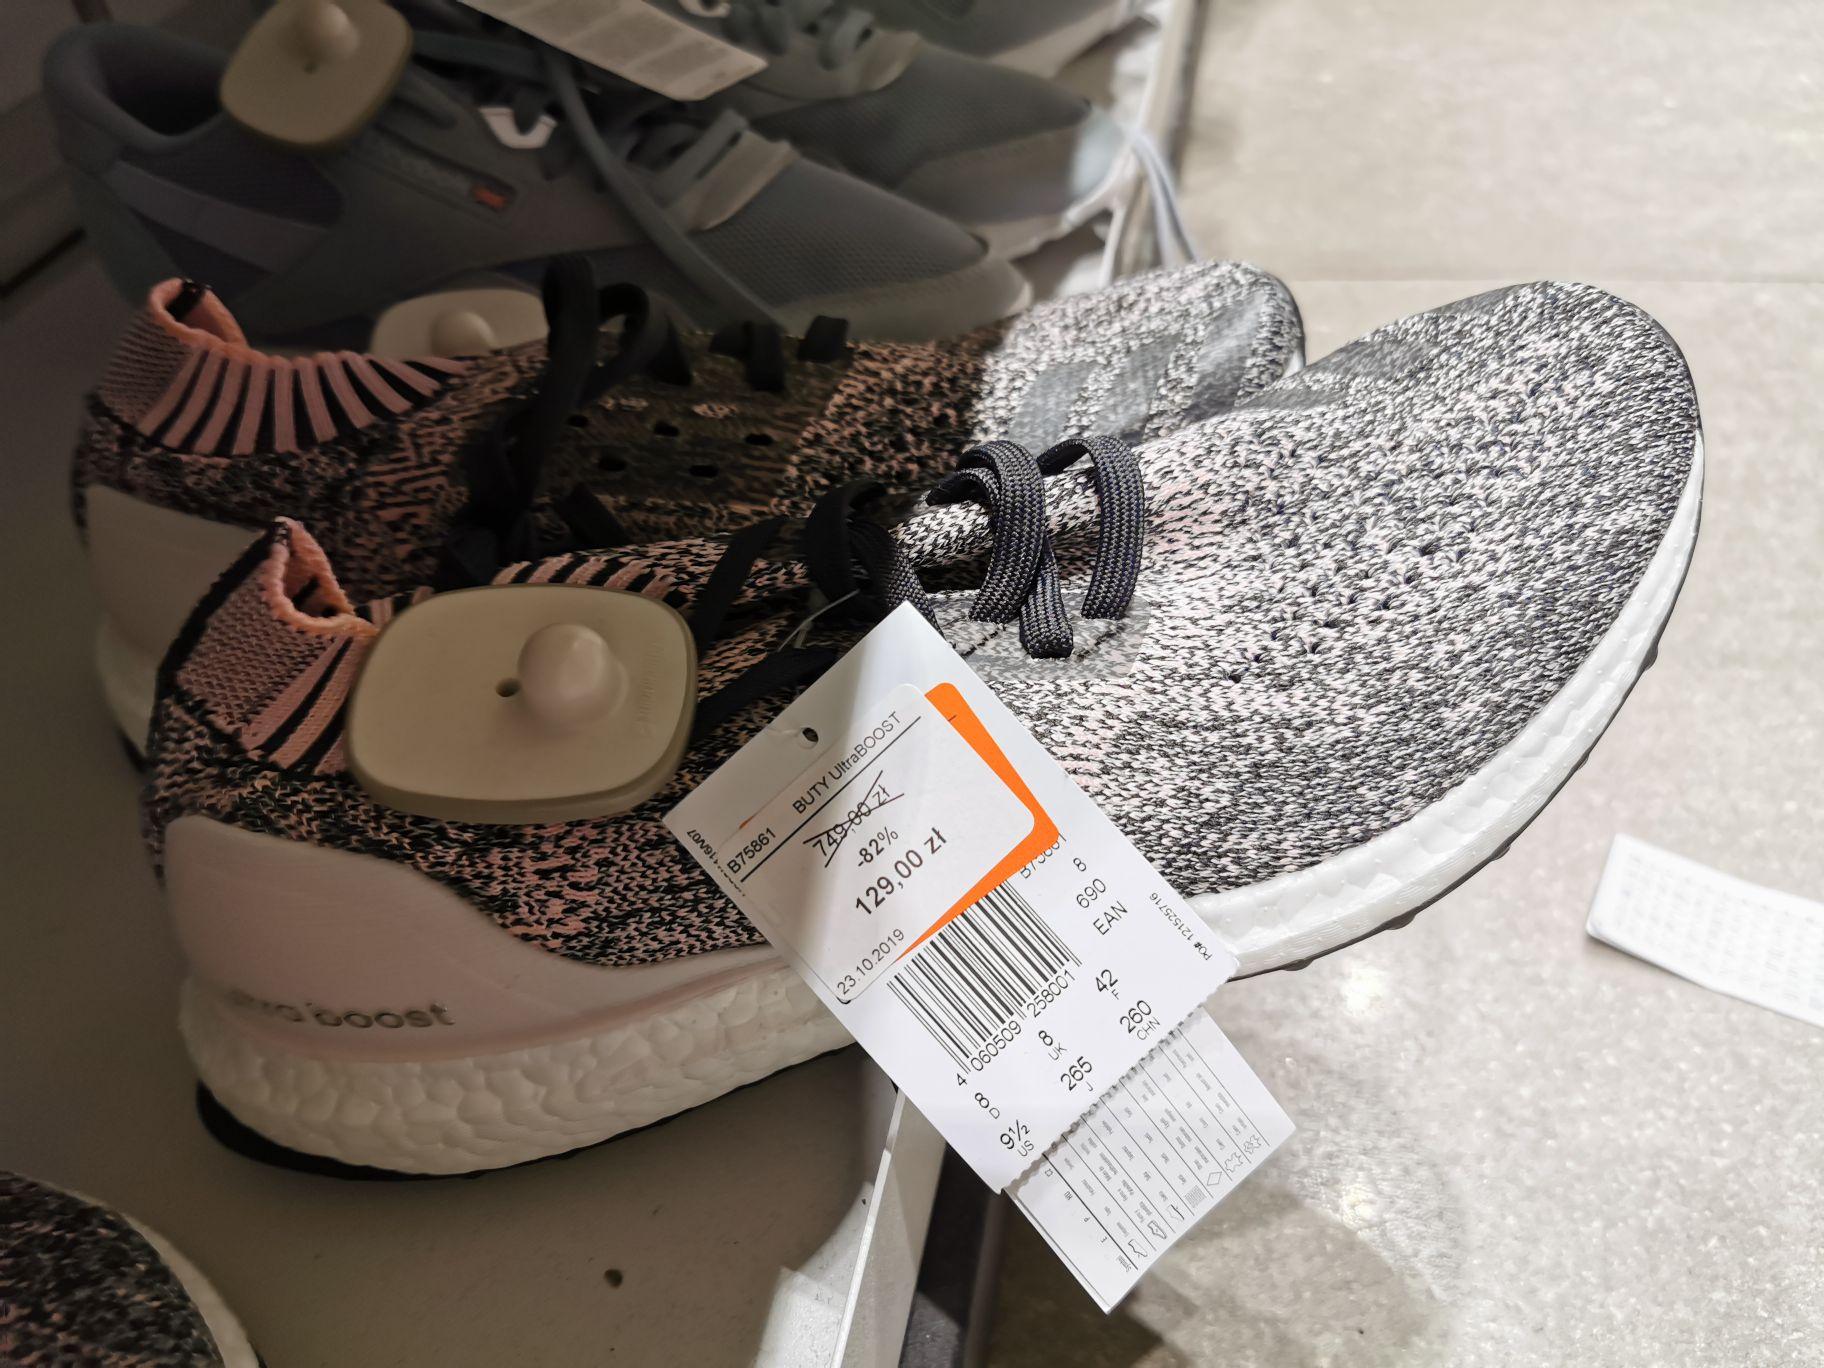 Factory Poznań wielkie przeceny w ADIDAS OUTLET - buty Boost Ultraboost nawet za 129zł!